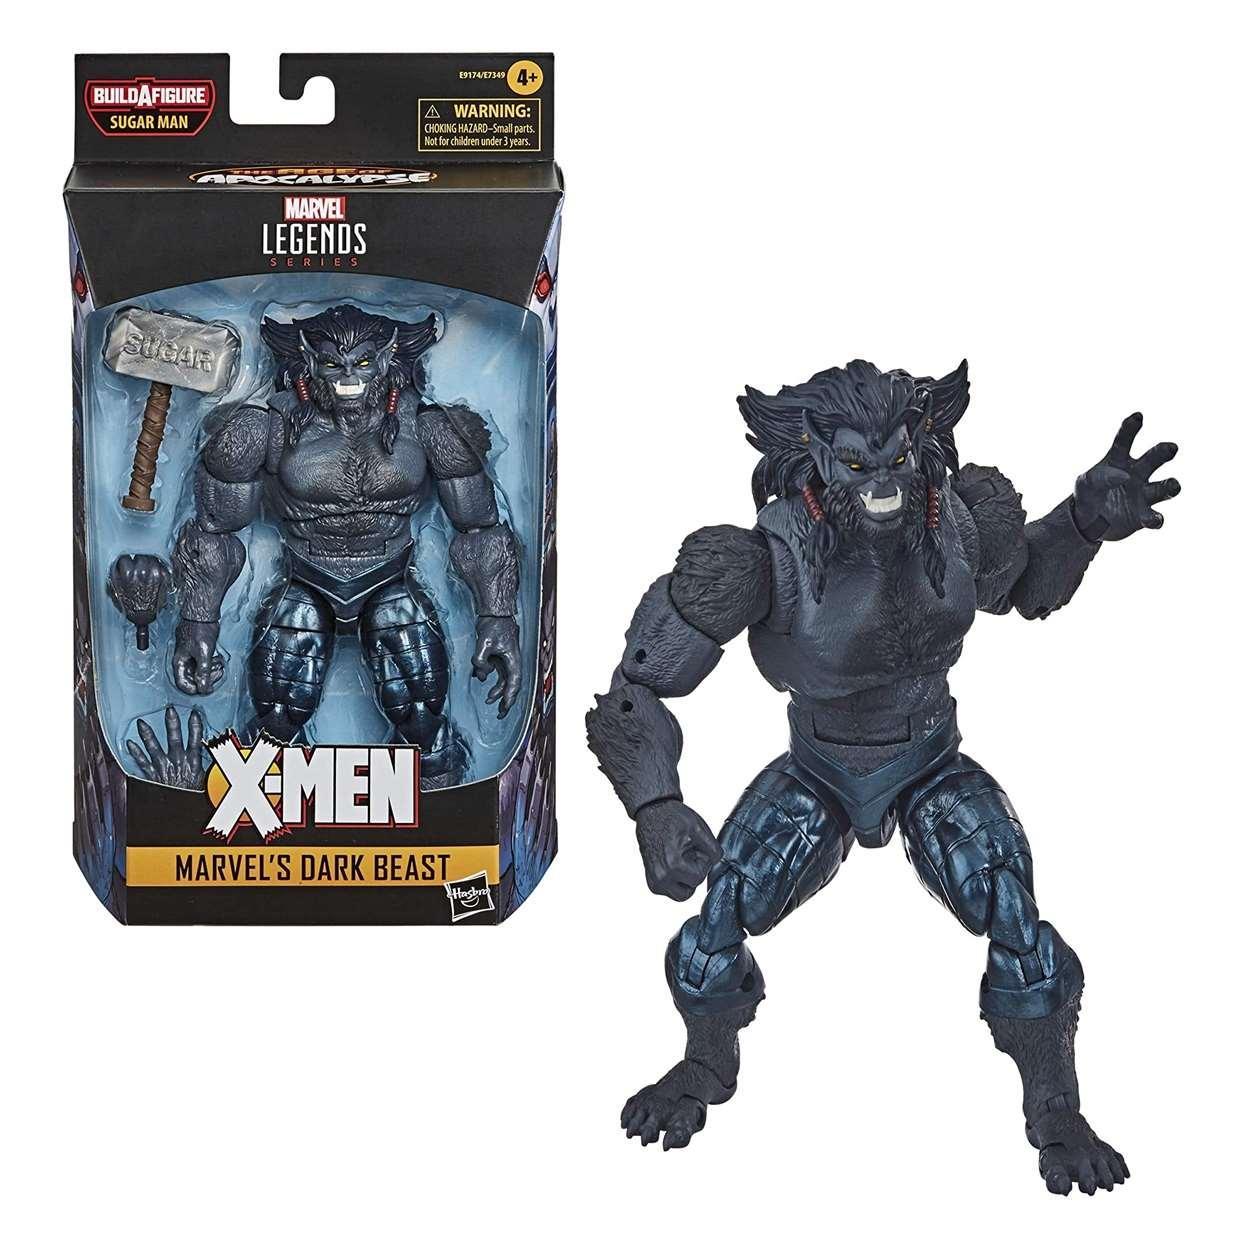 Dark Beast Figura Marvel X Men B A F Sugar Man Legend Series